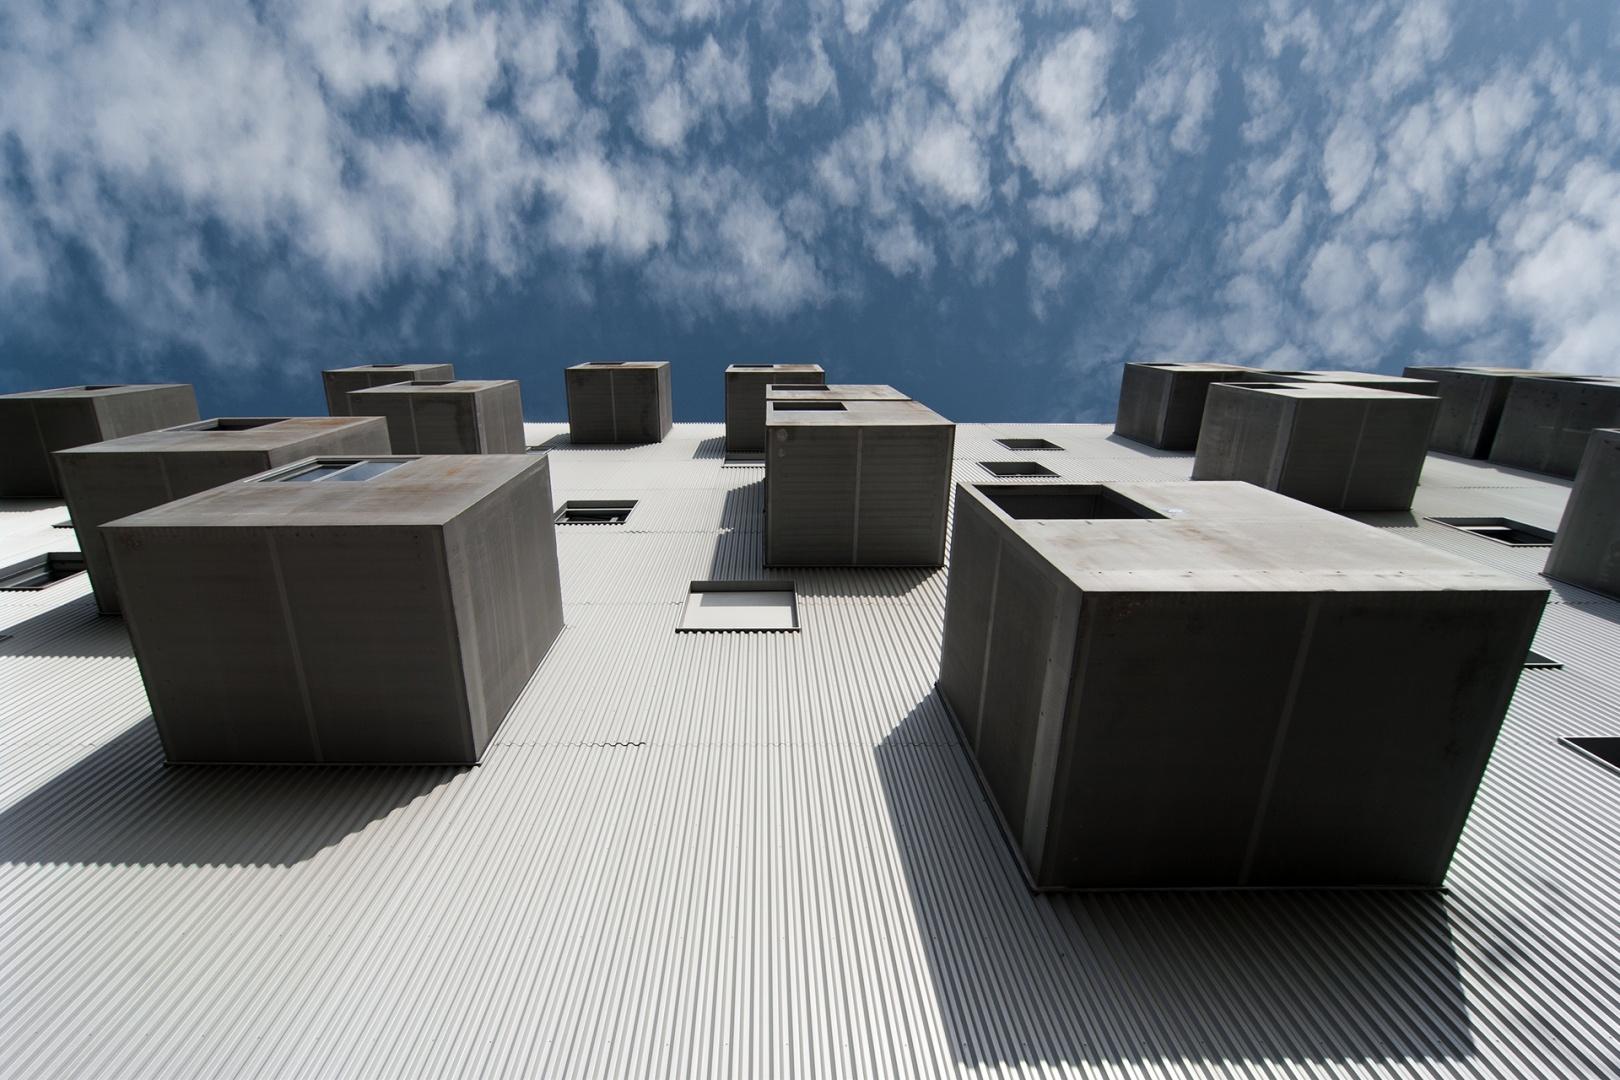 Paisagem Urbana/sky-wall shape competition